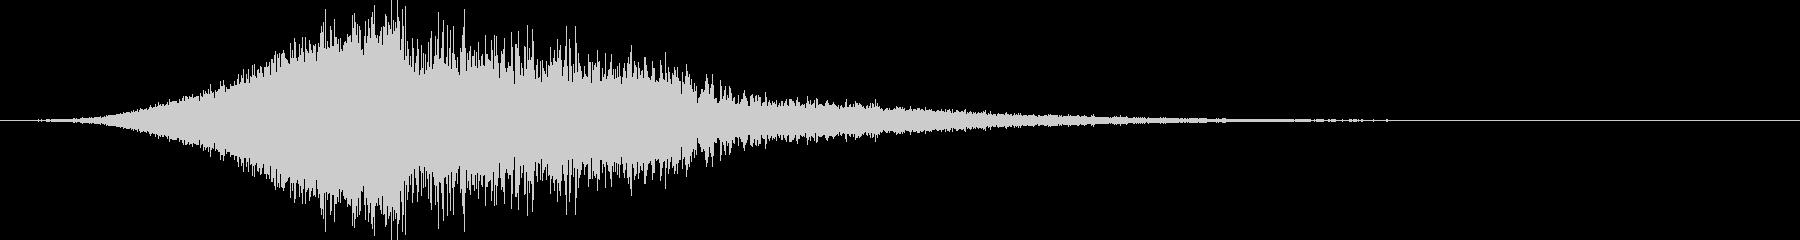 シュードカーン:上昇して爆発する音3の未再生の波形